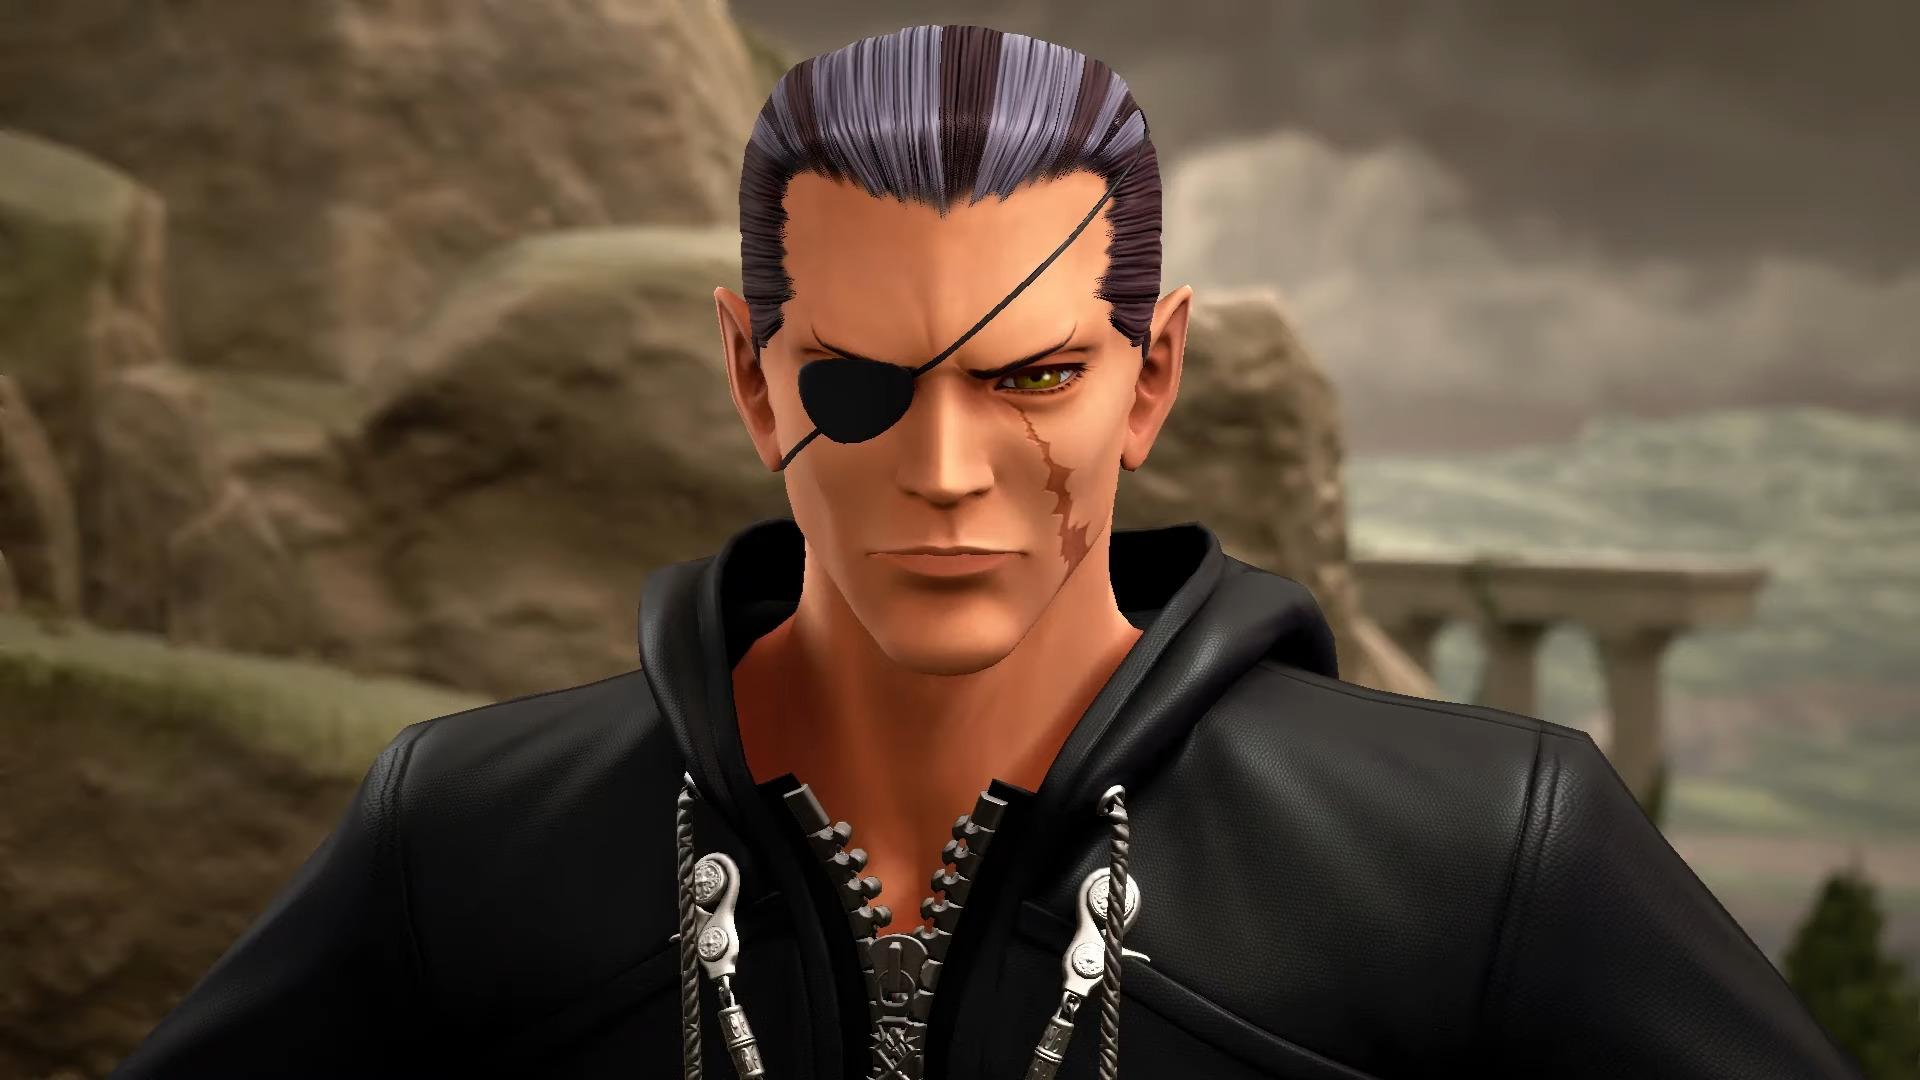 L'anteprima di Kingdom Hearts Character Files svela un criptico monologo di Xigbar!